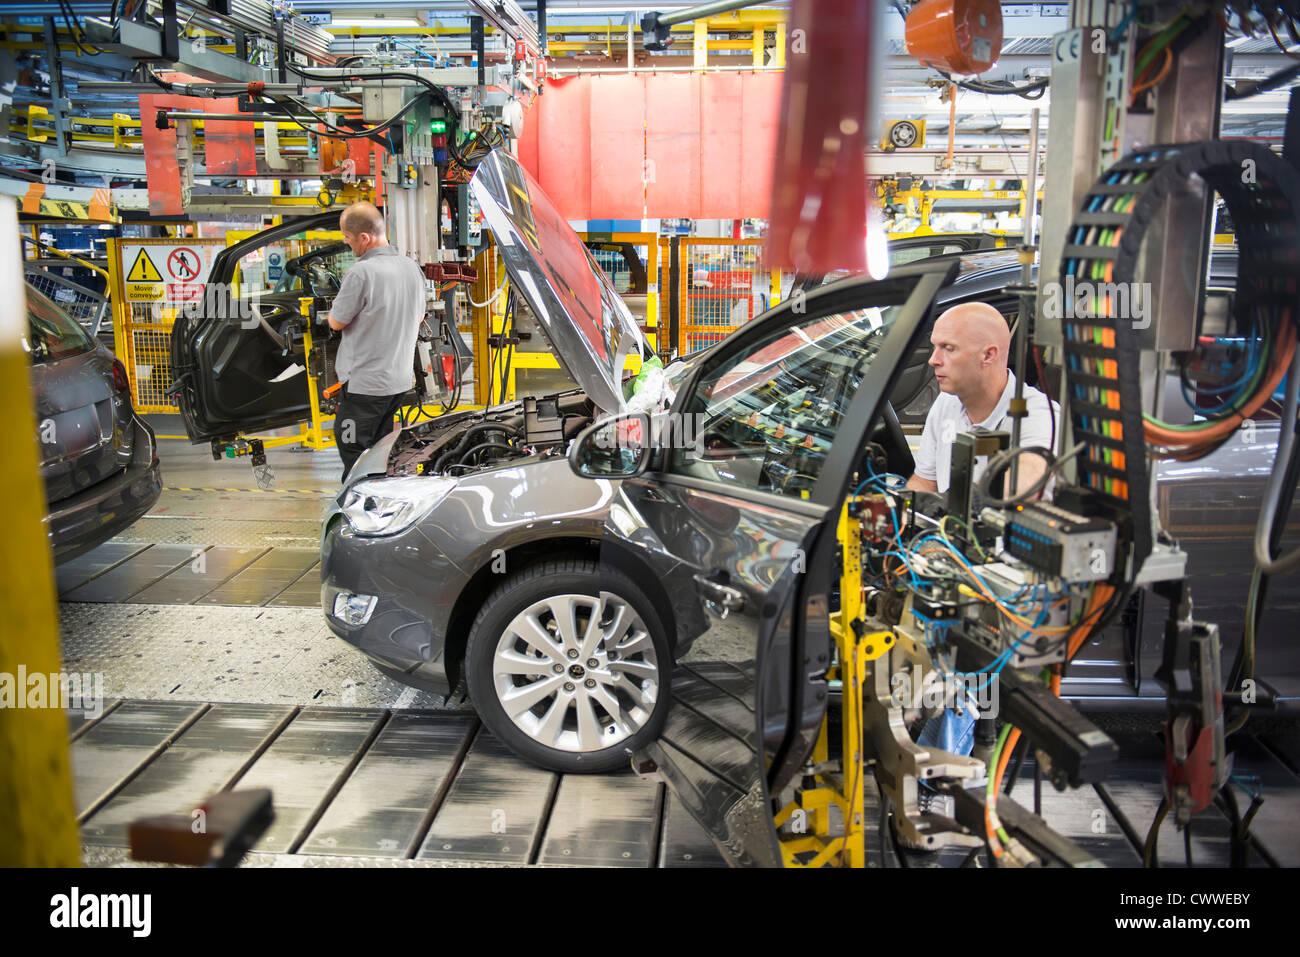 Gruppo auto lavoratori porte di montaggio per automobili sulla linea di produzione in fabbrica di automobili Immagini Stock